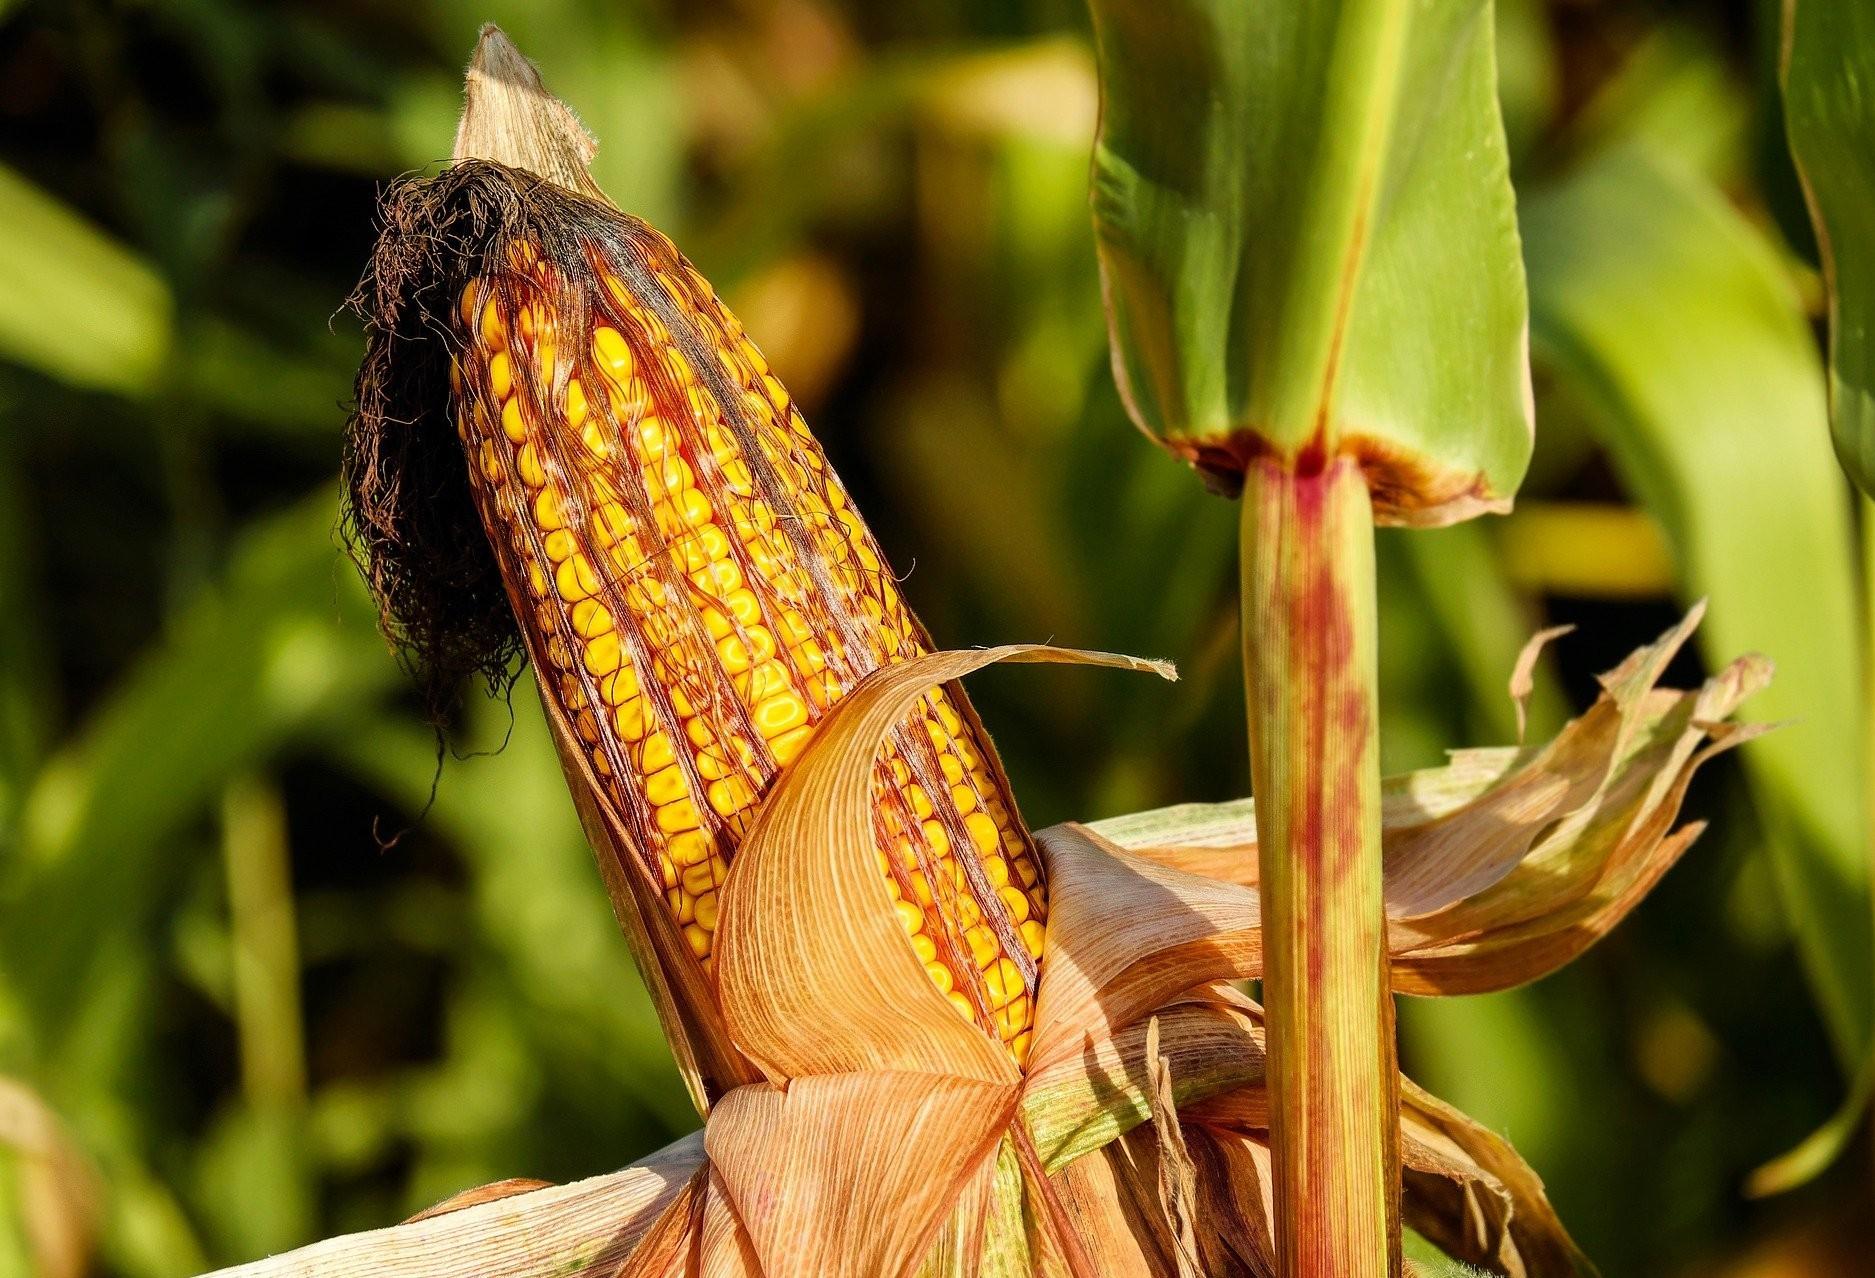 Por causa de chuvas,  Paraná colheu apenas 11% da safra de milho